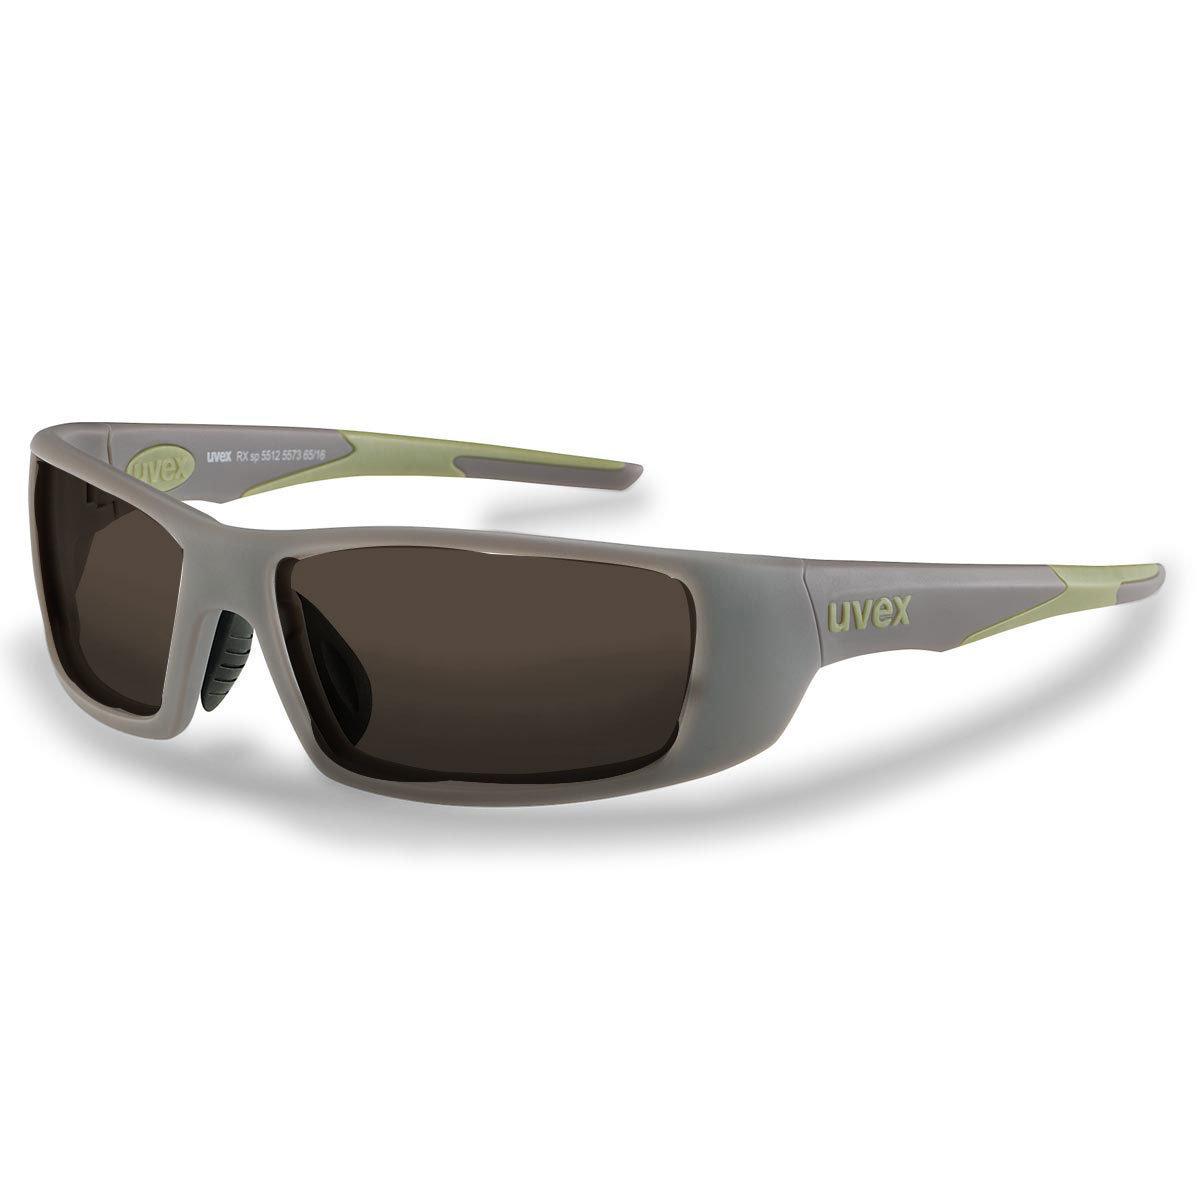 Uvex Korrektionsschutzbrille RX sp 5512 grün - braun getönt